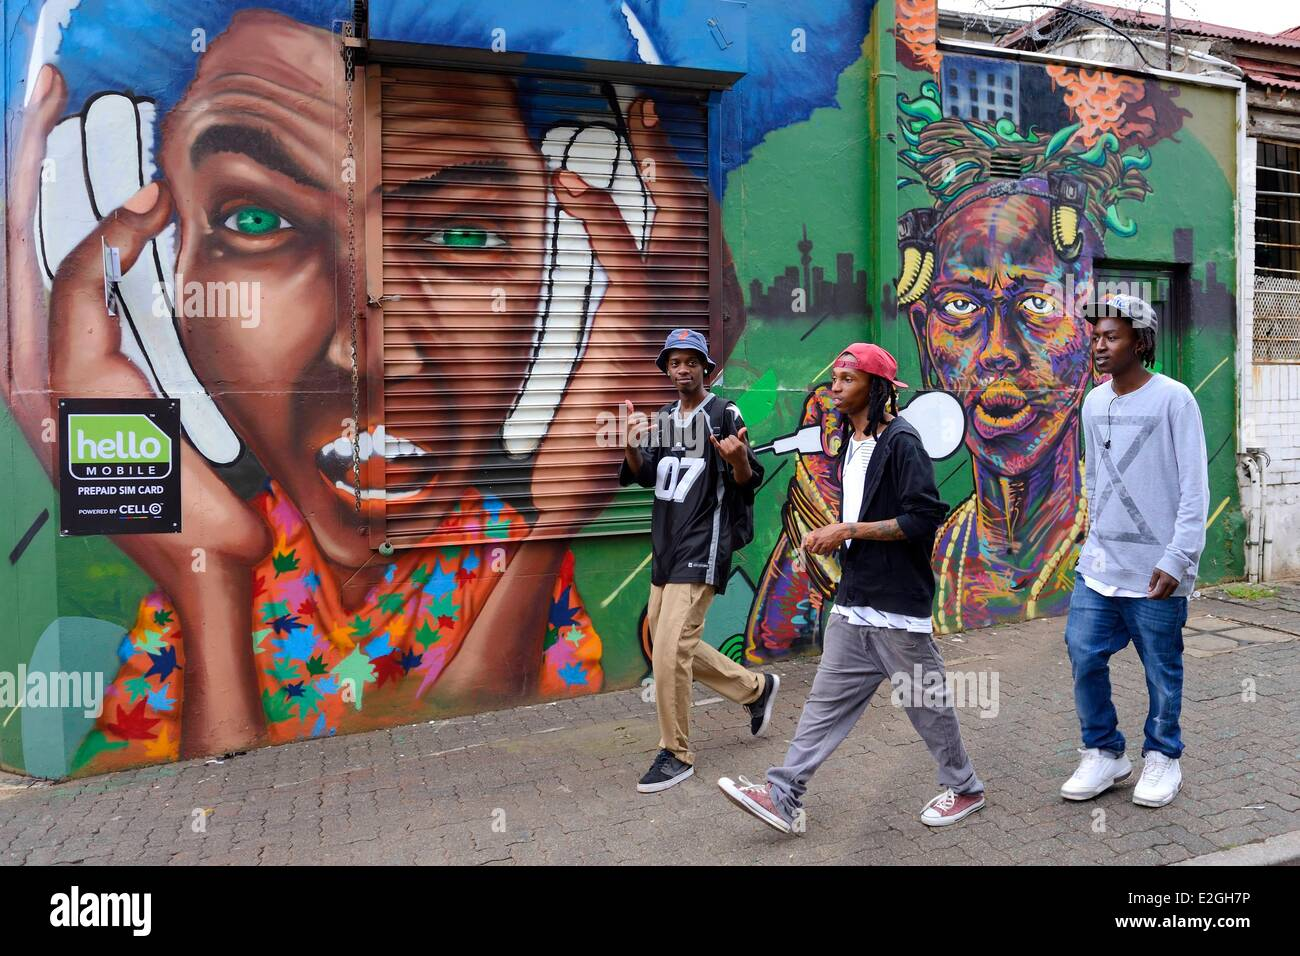 L'Afrique du Sud la province de Gauteng, Braamfontein Johannesburg district groupe de jeunes devant une fresque Photo Stock